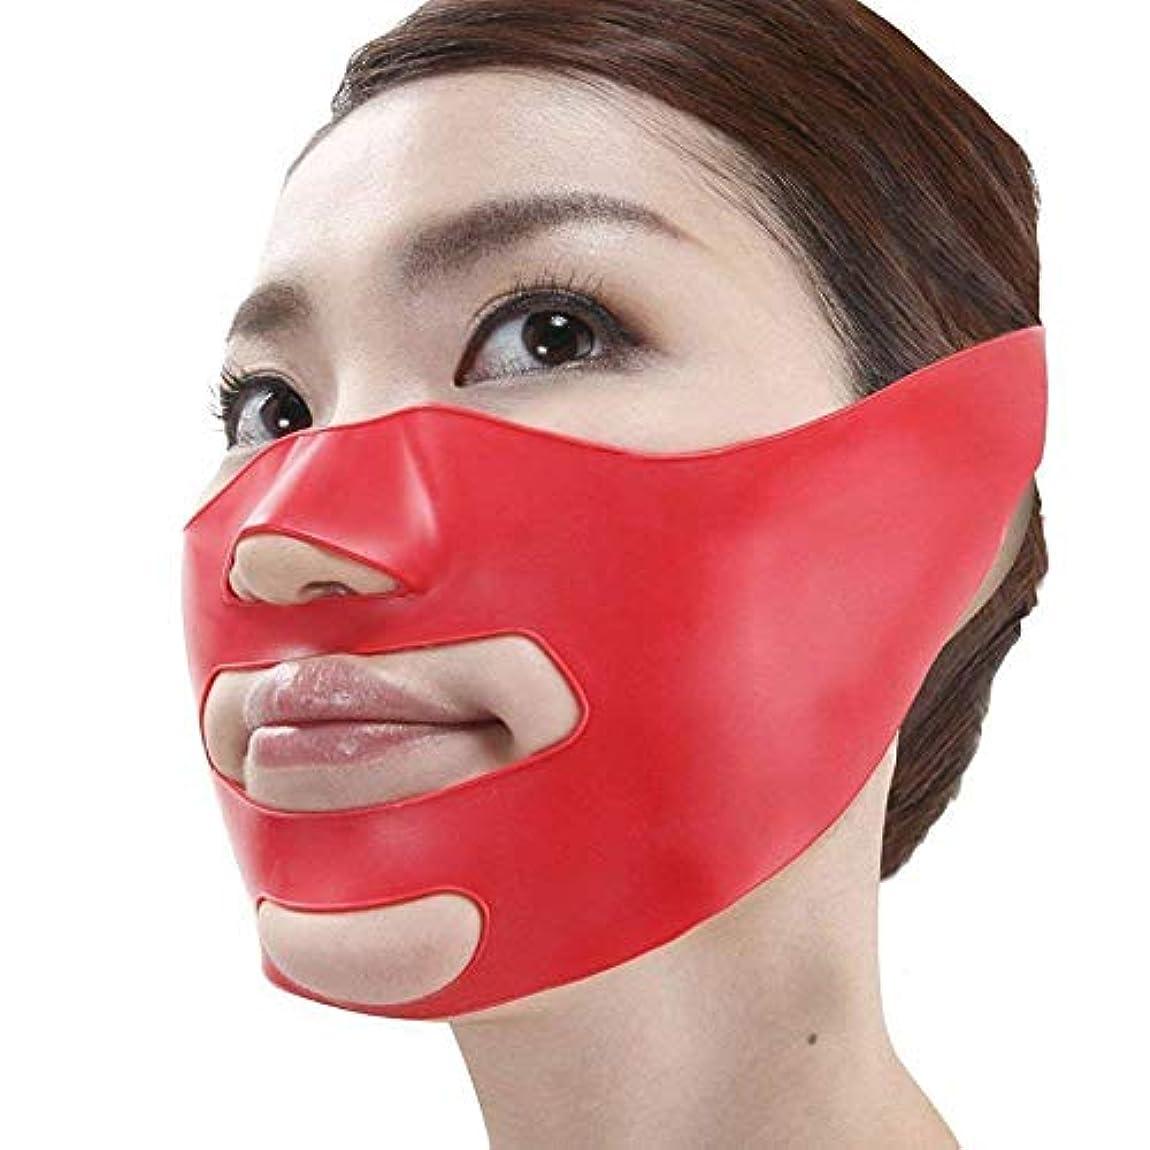 飢えた貧困排泄物小顔矯正 マスク 小顔補正ベルト ほうれい線 リフトスリムマスク 3Dエクササイズマスク 法令線予防 抗シワ サウナマスク 美容グッ (フリーサイズ)